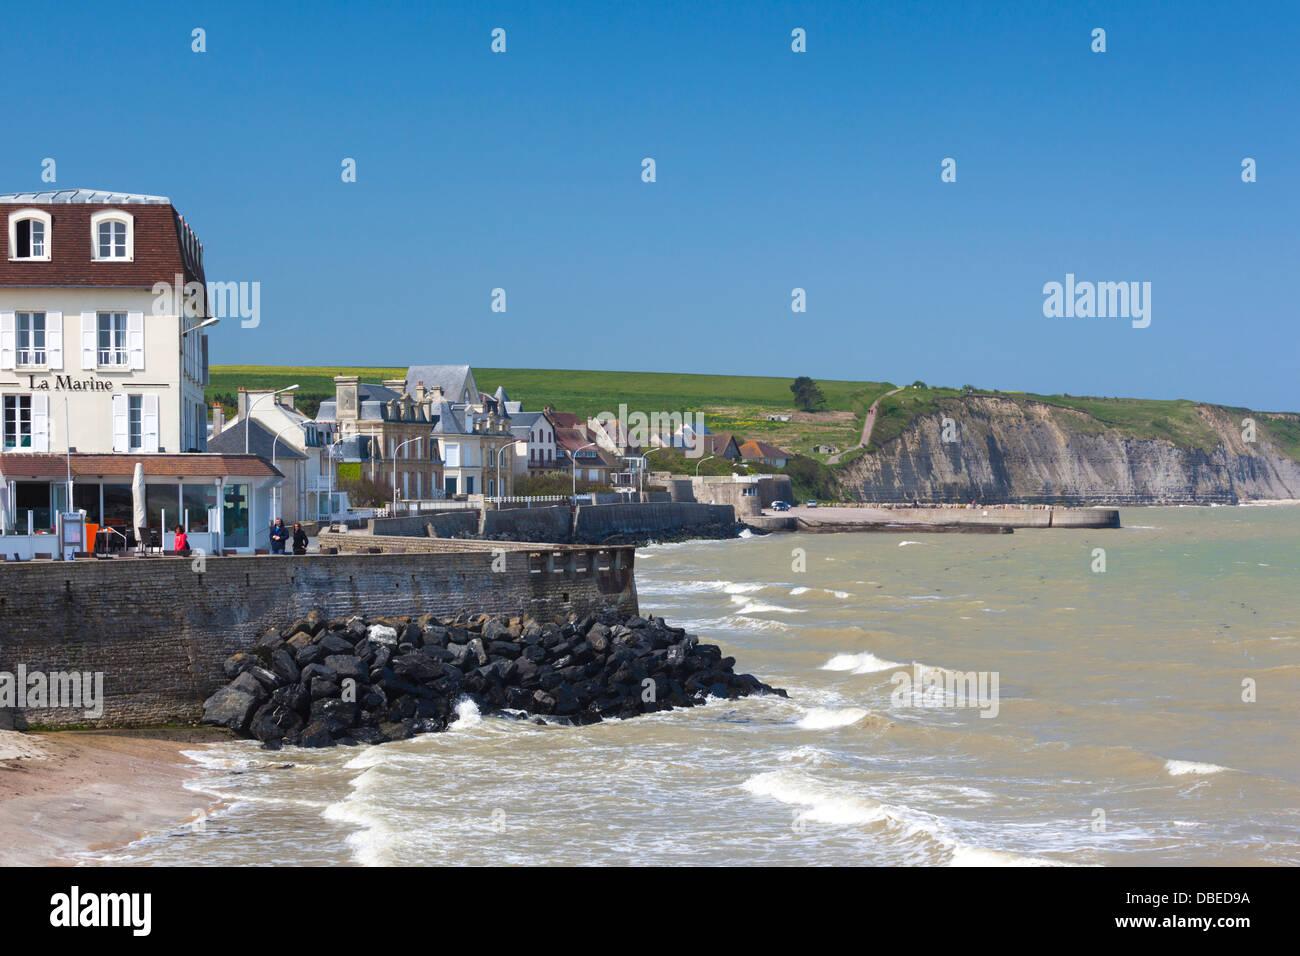 Frankreich Normandie D Day Strände Gegend Arromanches Les Bains